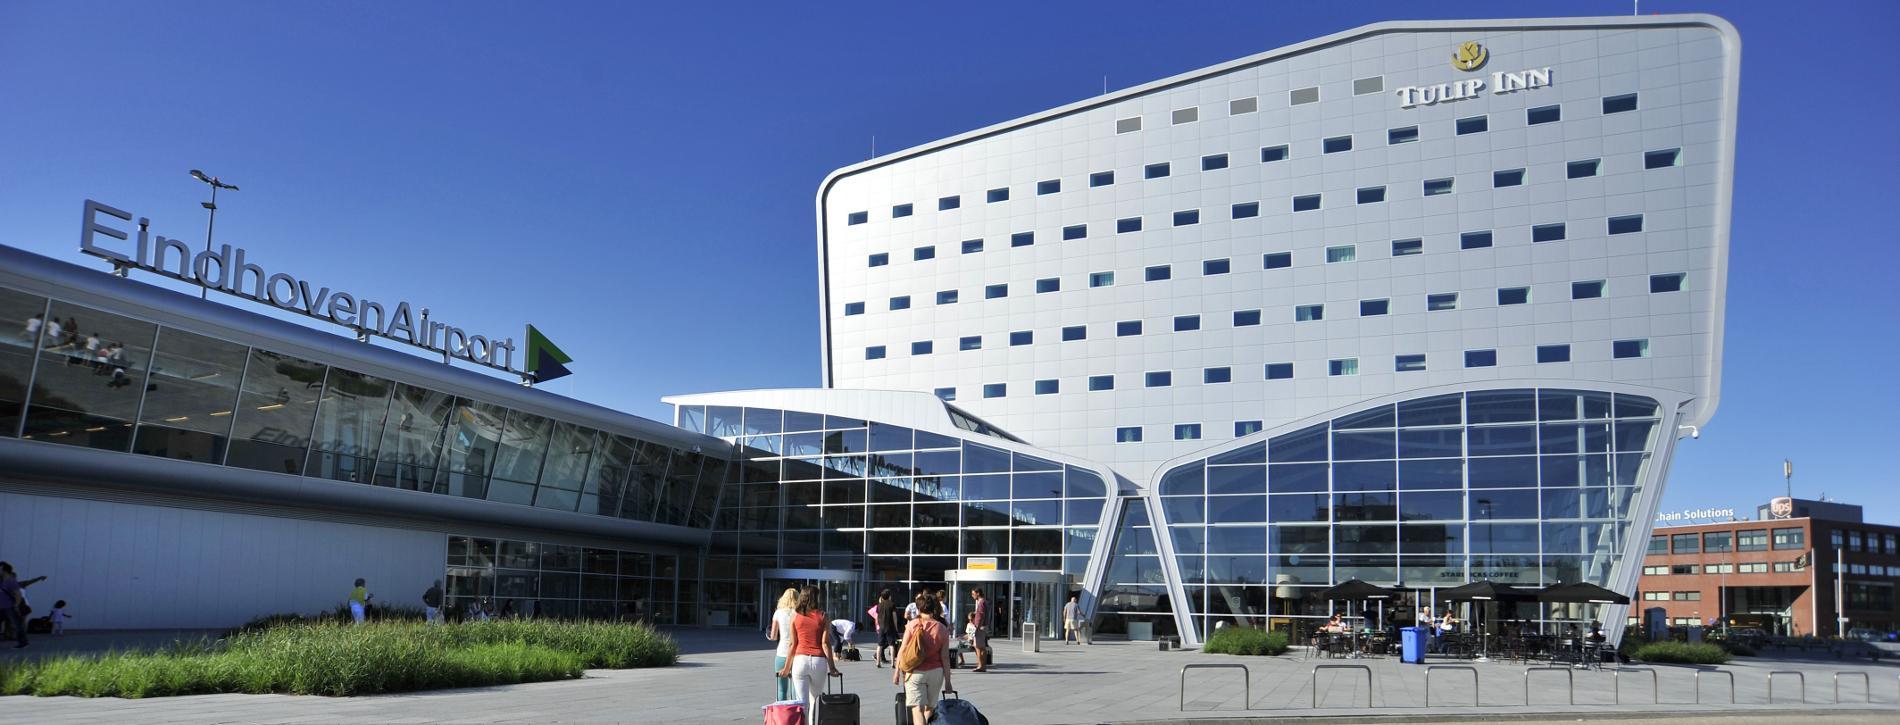 Taxi De Meern Eindhoven Airport